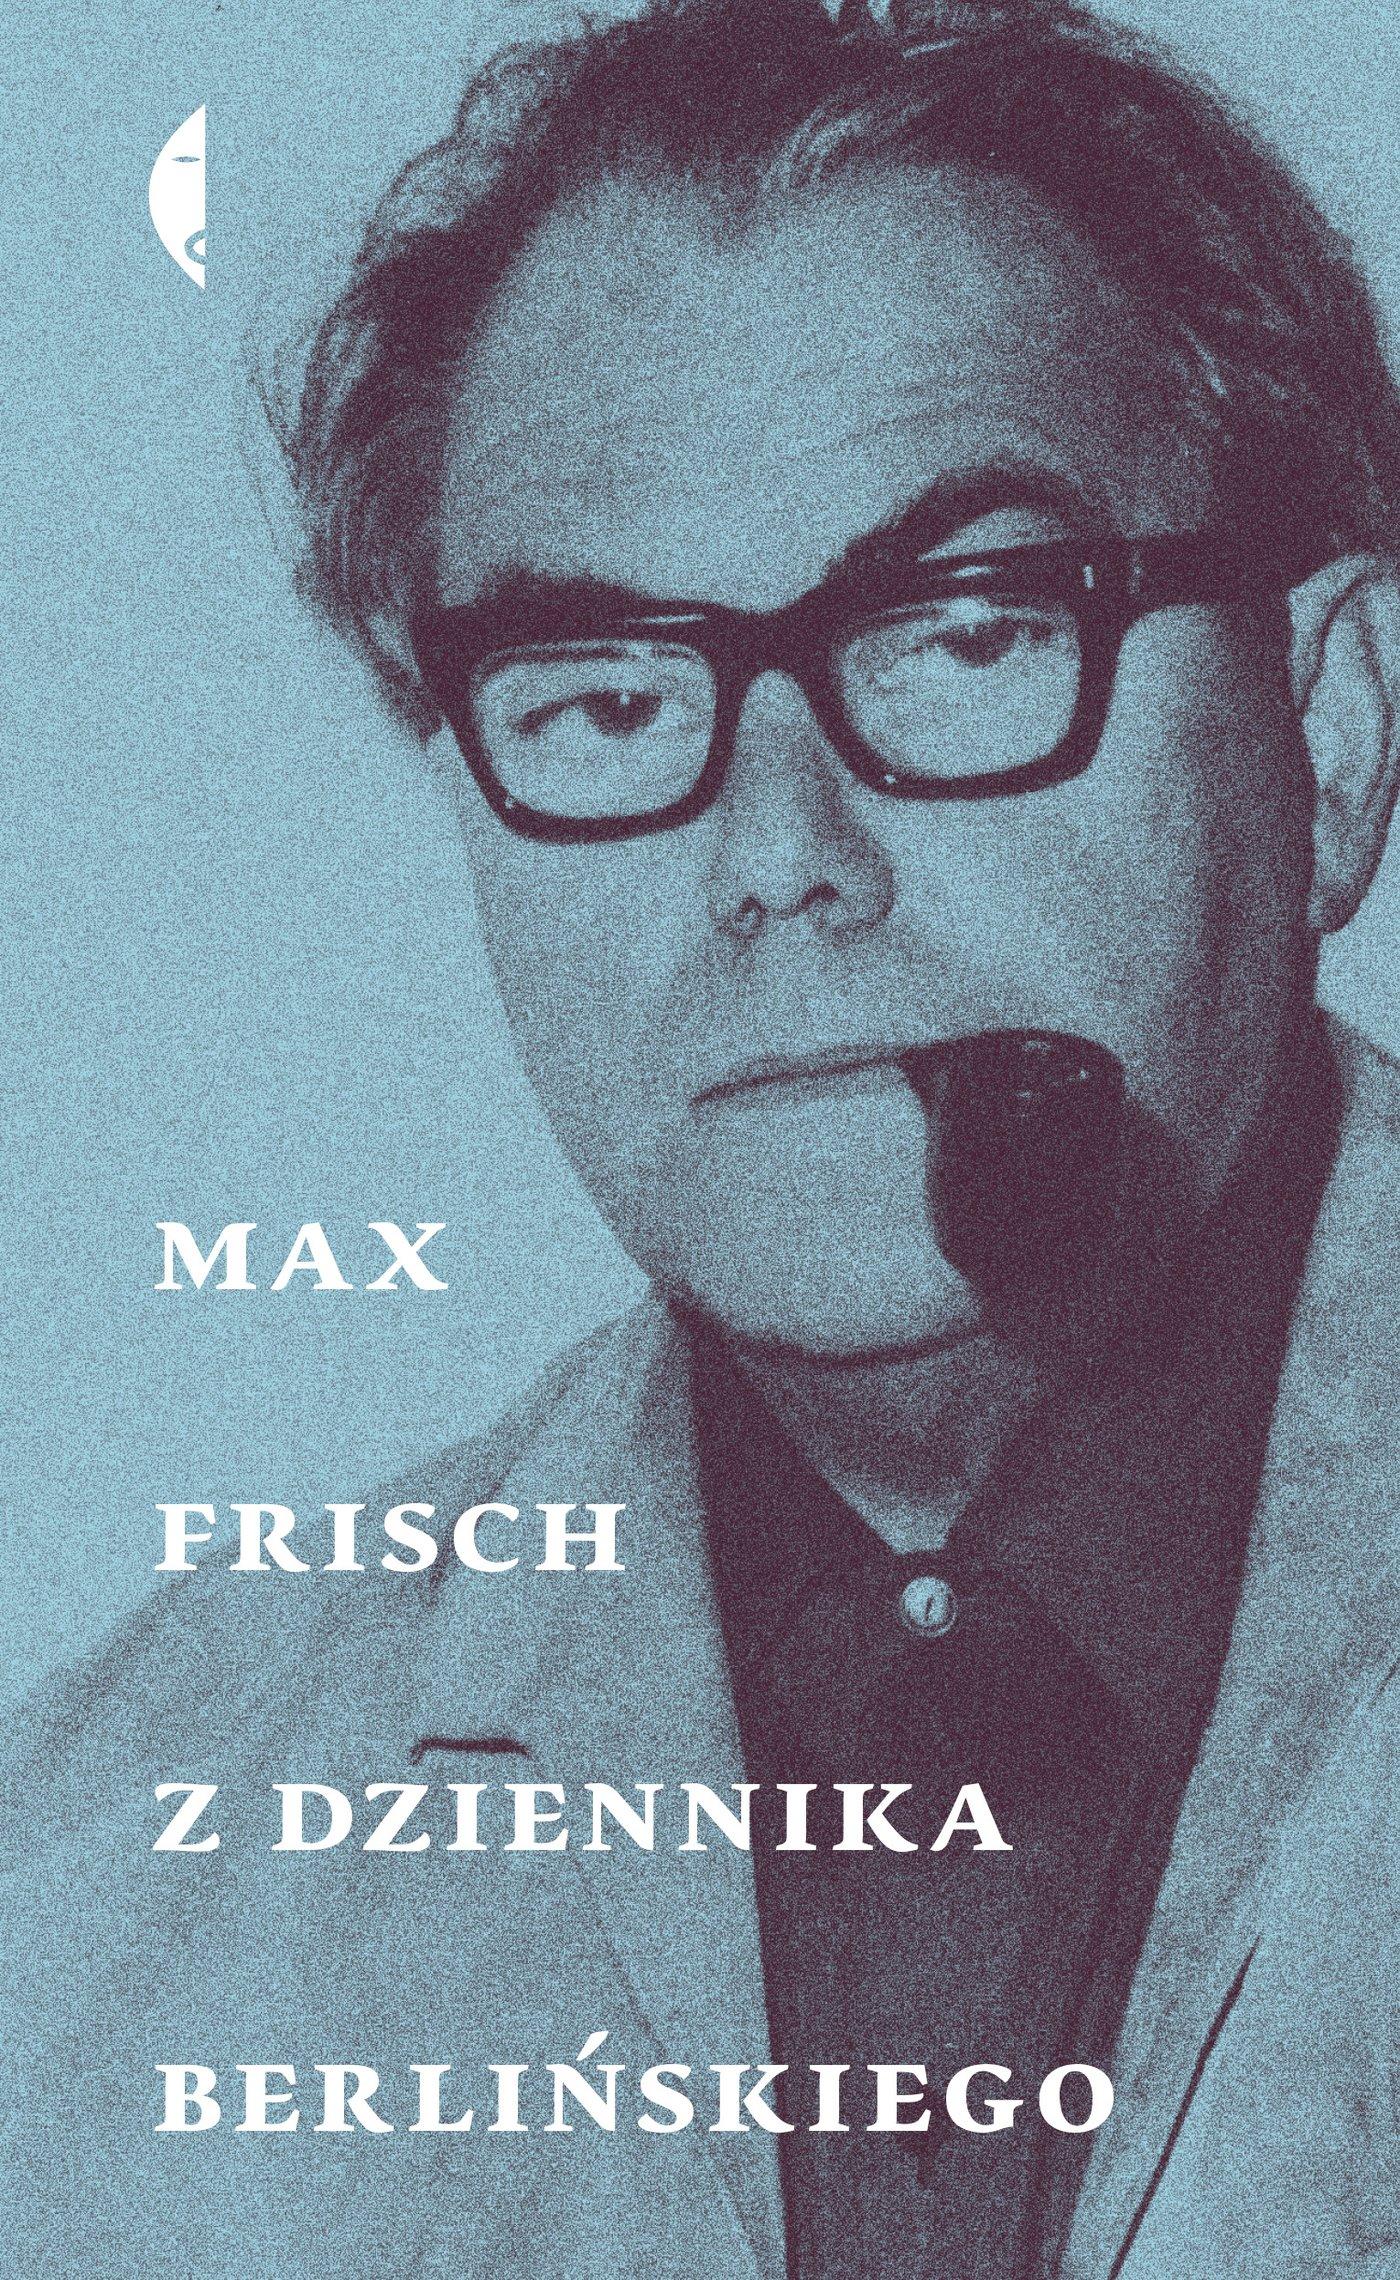 Z dziennika berlińskiego - Ebook (Książka na Kindle) do pobrania w formacie MOBI